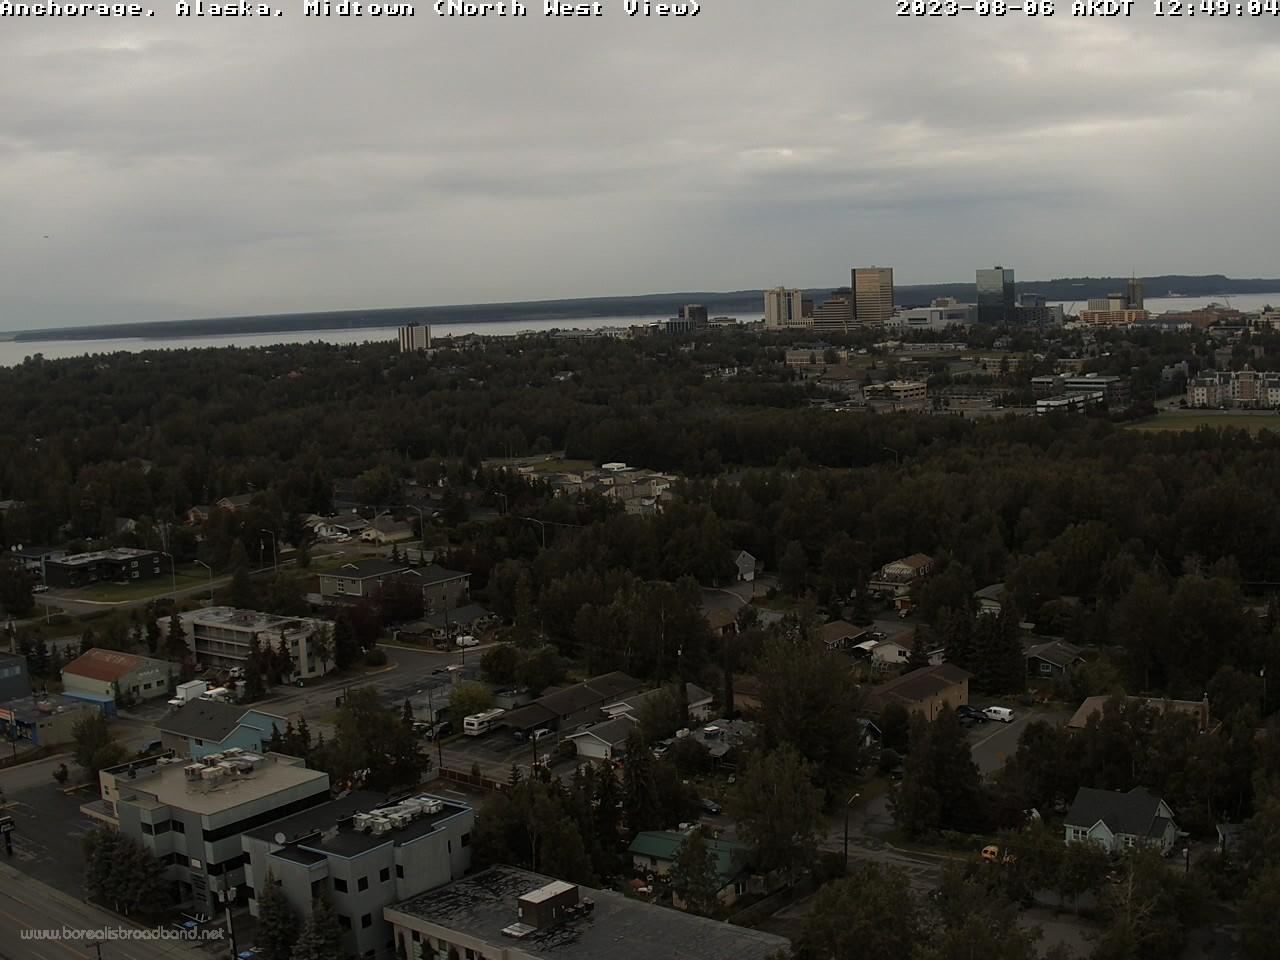 Anchorage, Alaska Fri. 12:49